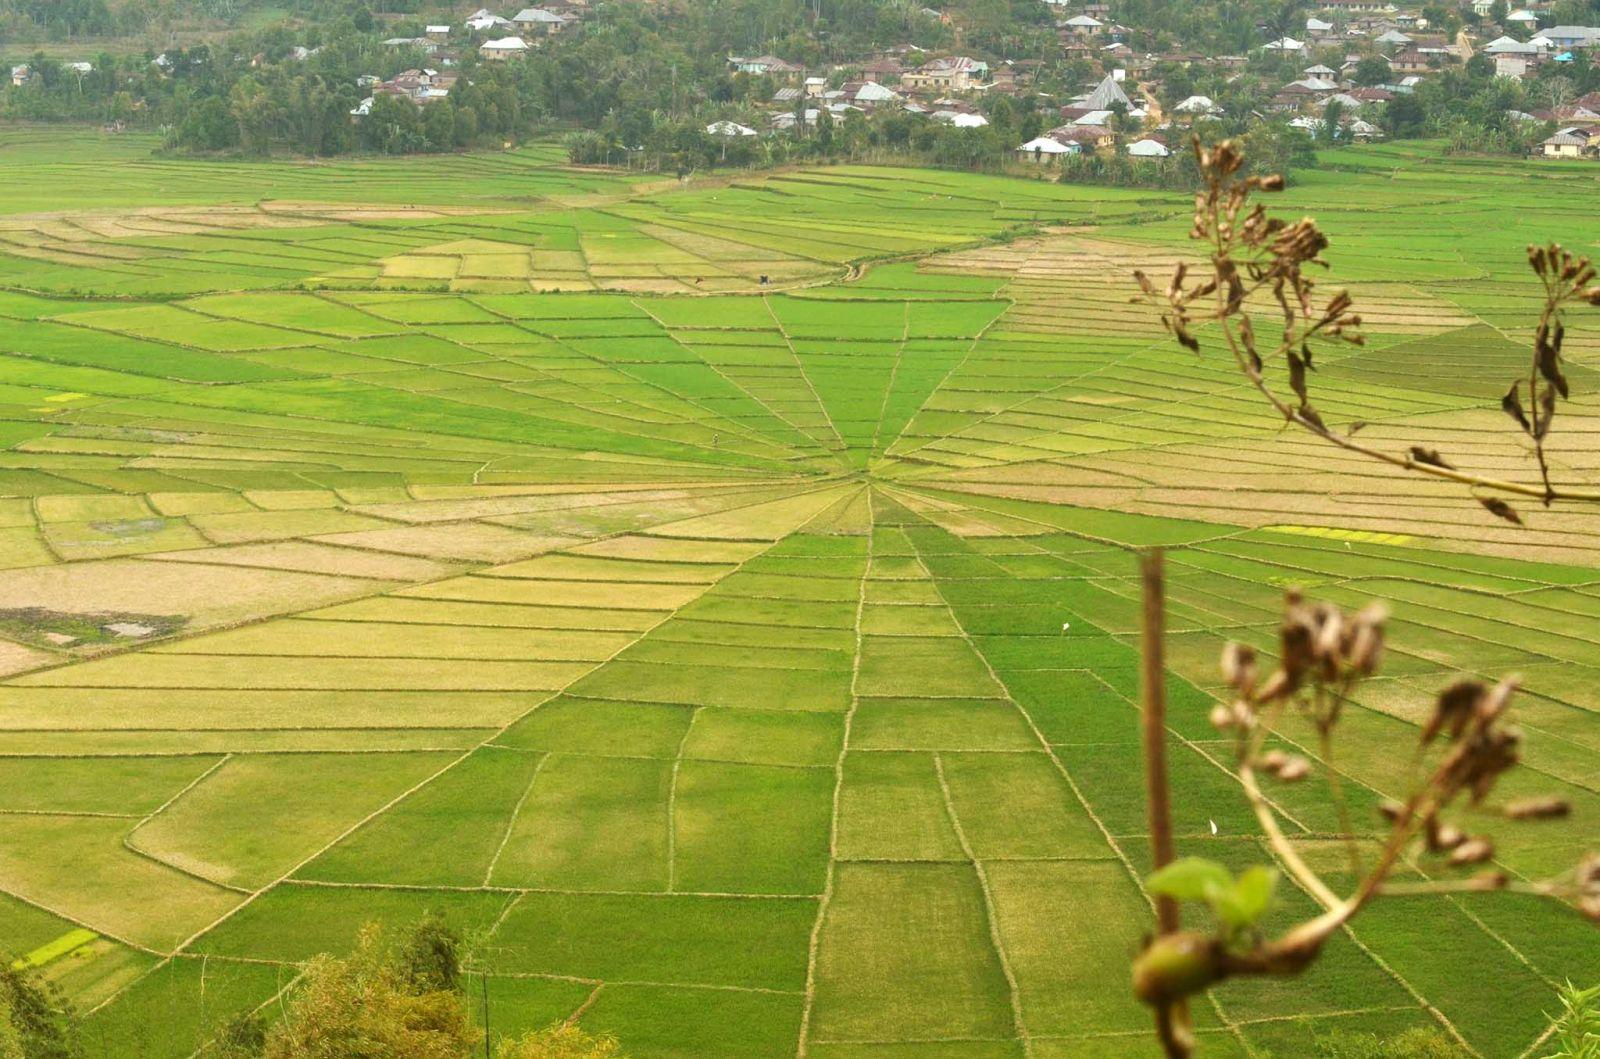 Lodok Spider Web Ricefields in Flores